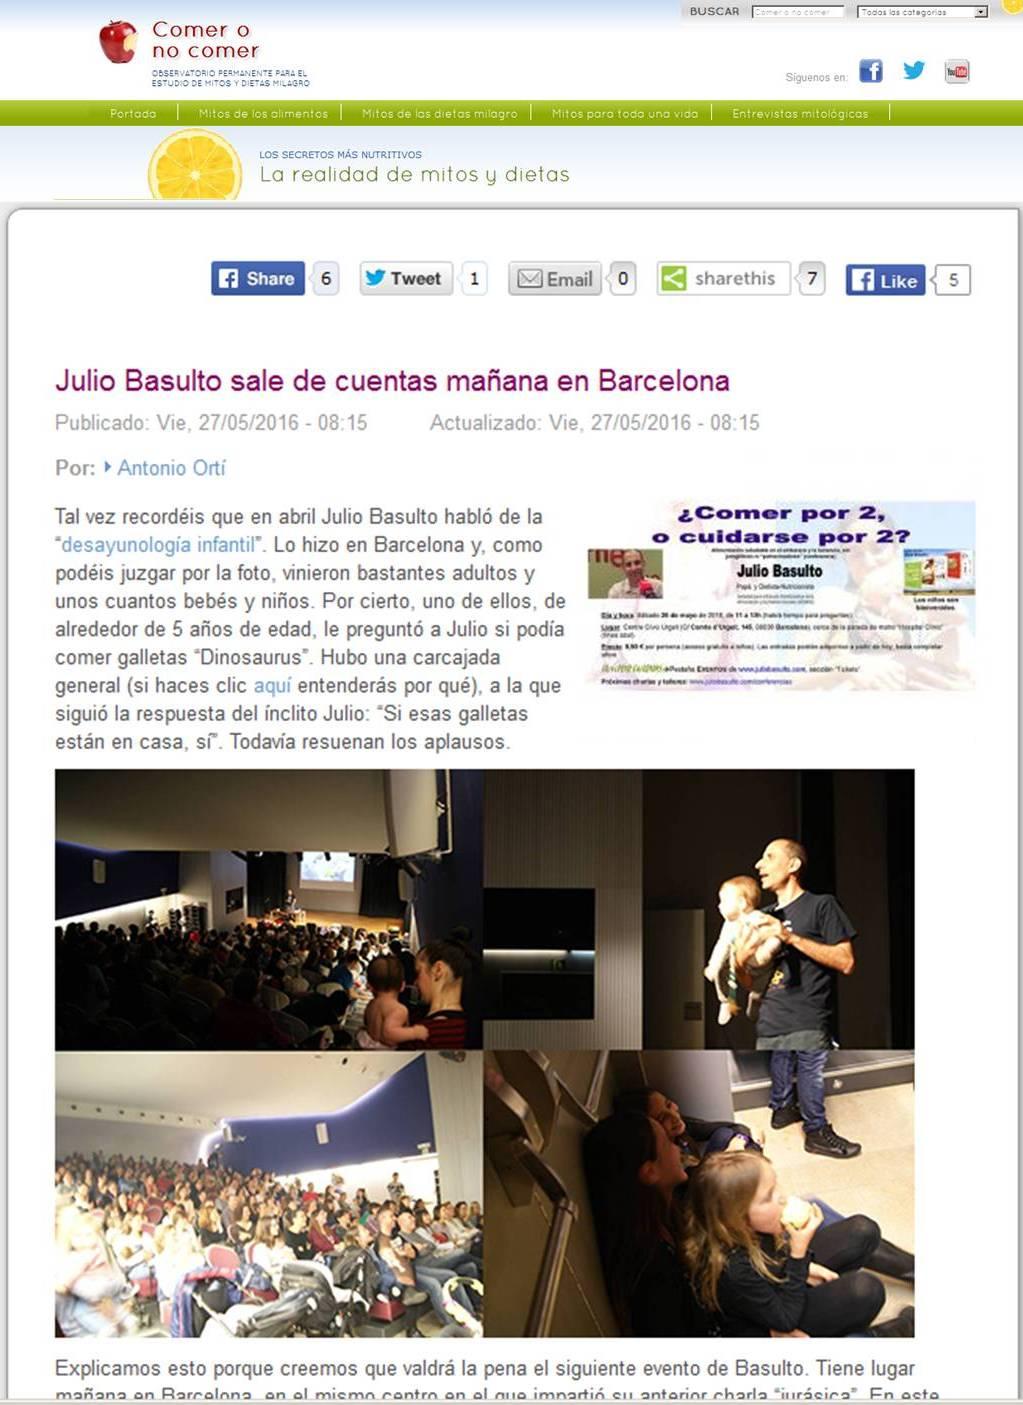 Julio Basulto sale de cuentas mañana en Barcelona (Antonio Ortí para Comer o no comer)